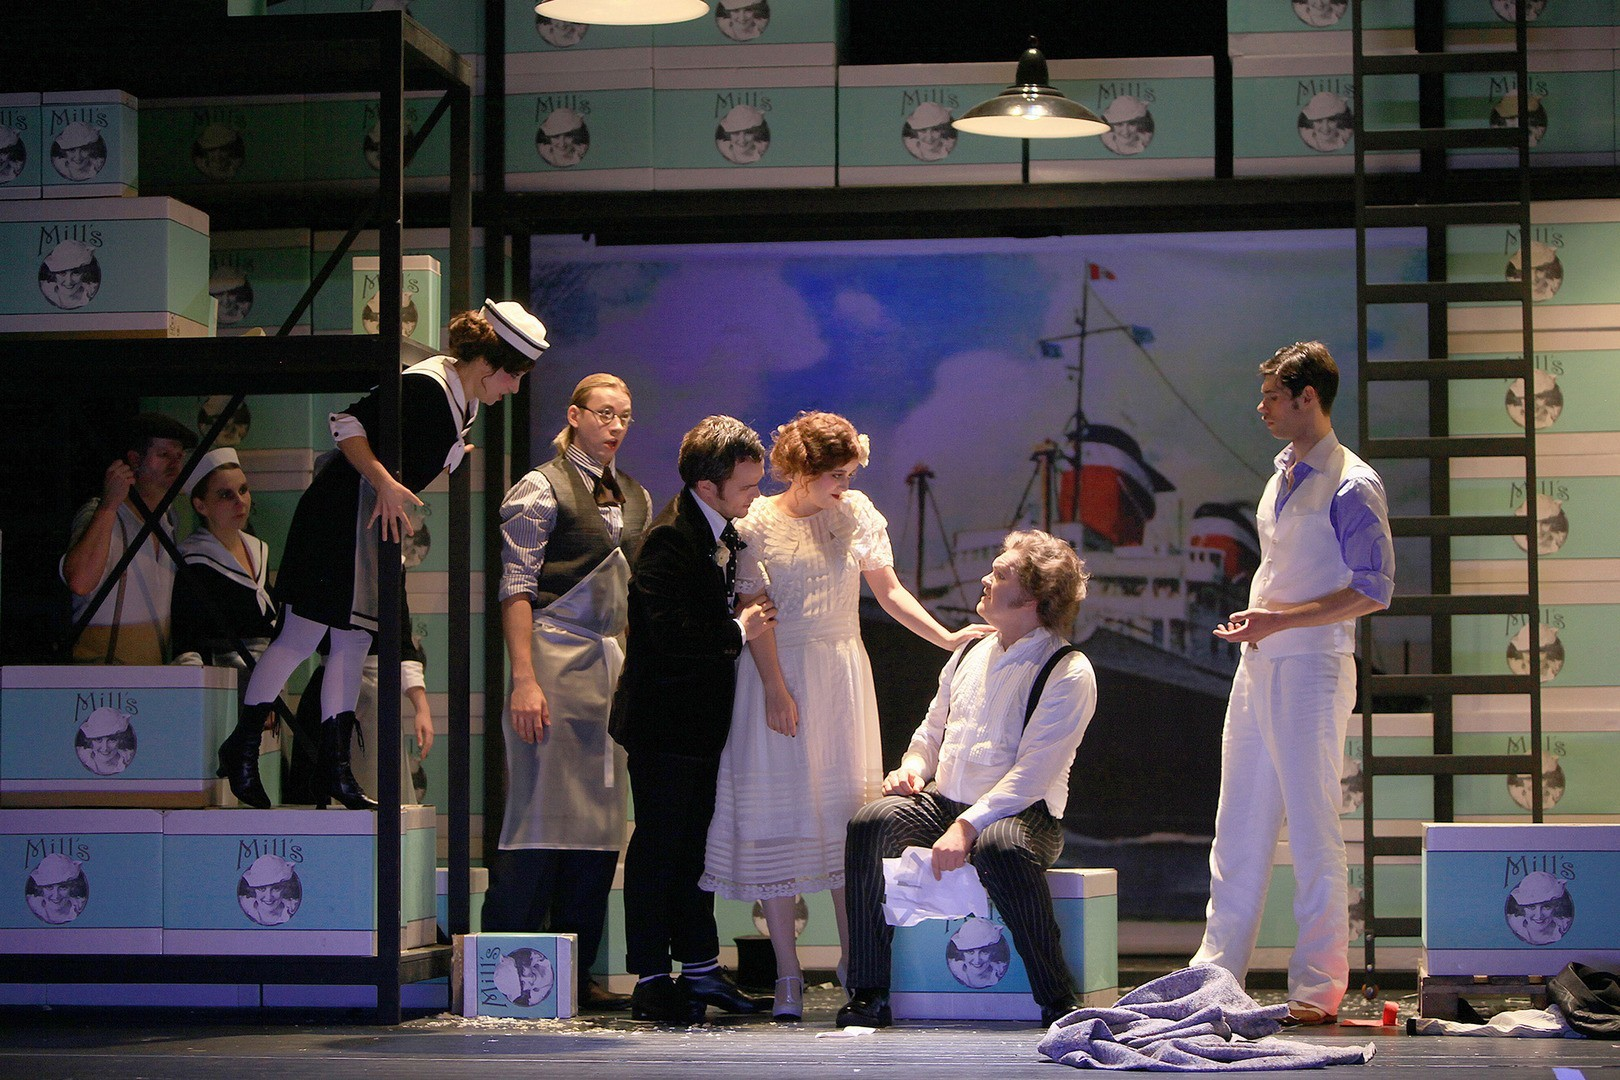 Cambiale-di-matrimonio-Opera-directed-by-Jacopo-Spirei-14